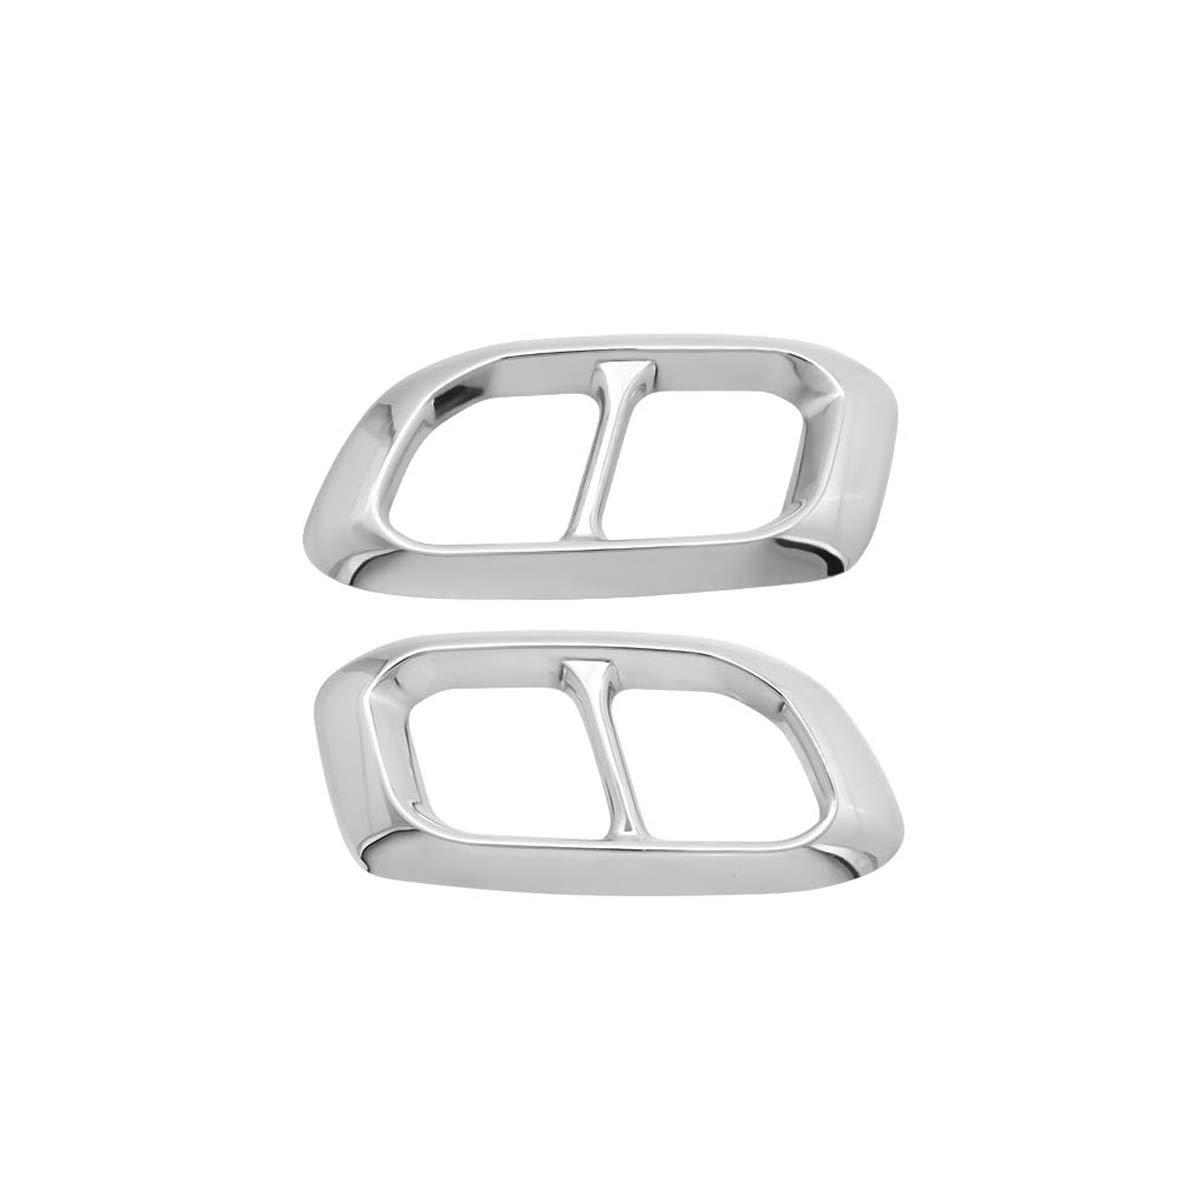 Yiwang accessorio esterno per Benz GLE GLC GLS W167 X253 X167 2019 2020 accessori auto copertura per tubo di scappamento in acciaio inox